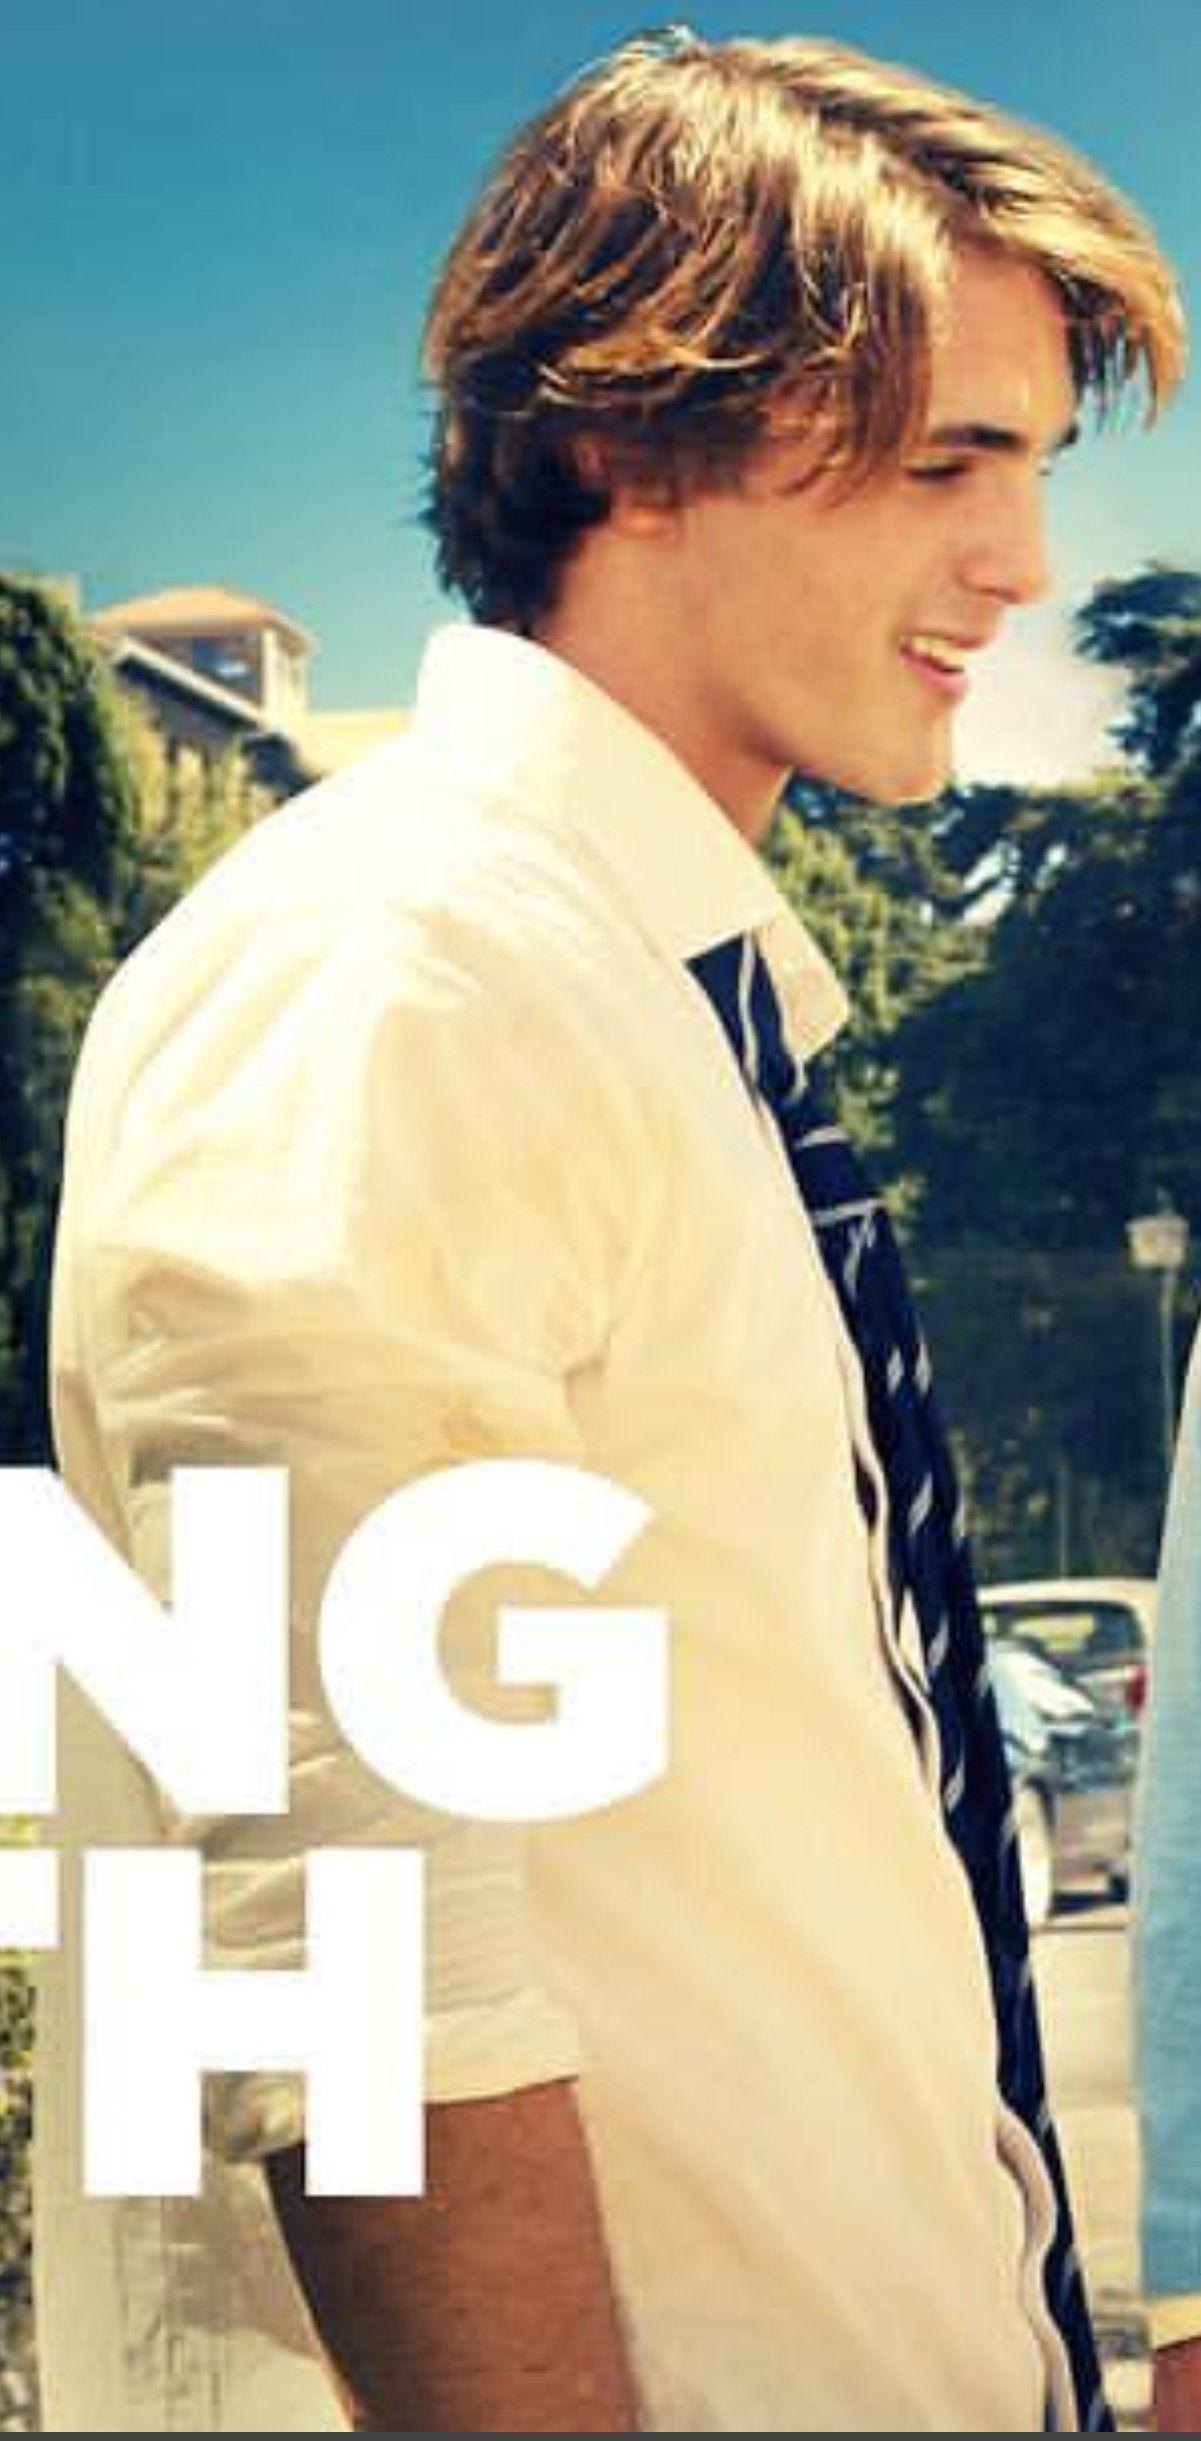 Jacob Elordi.   Kissing booth, Joey king, Noah flynn